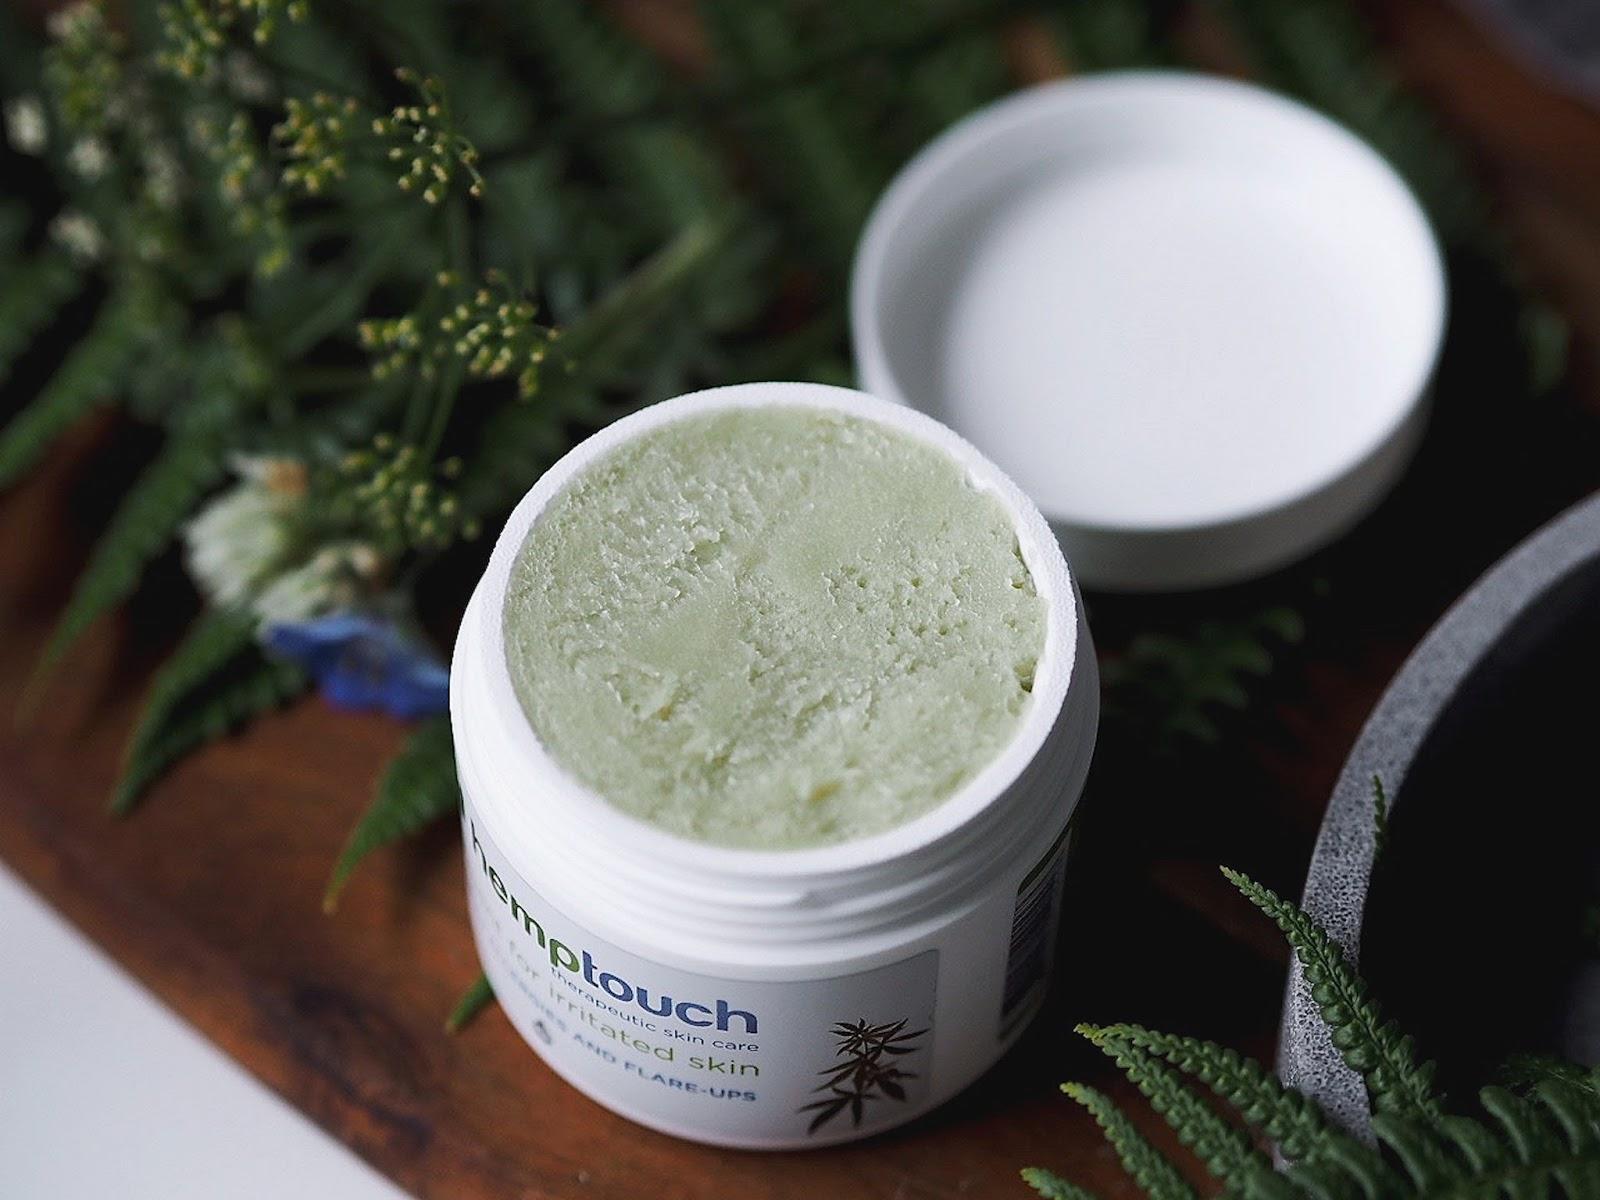 vegan skin care for sensitive skin